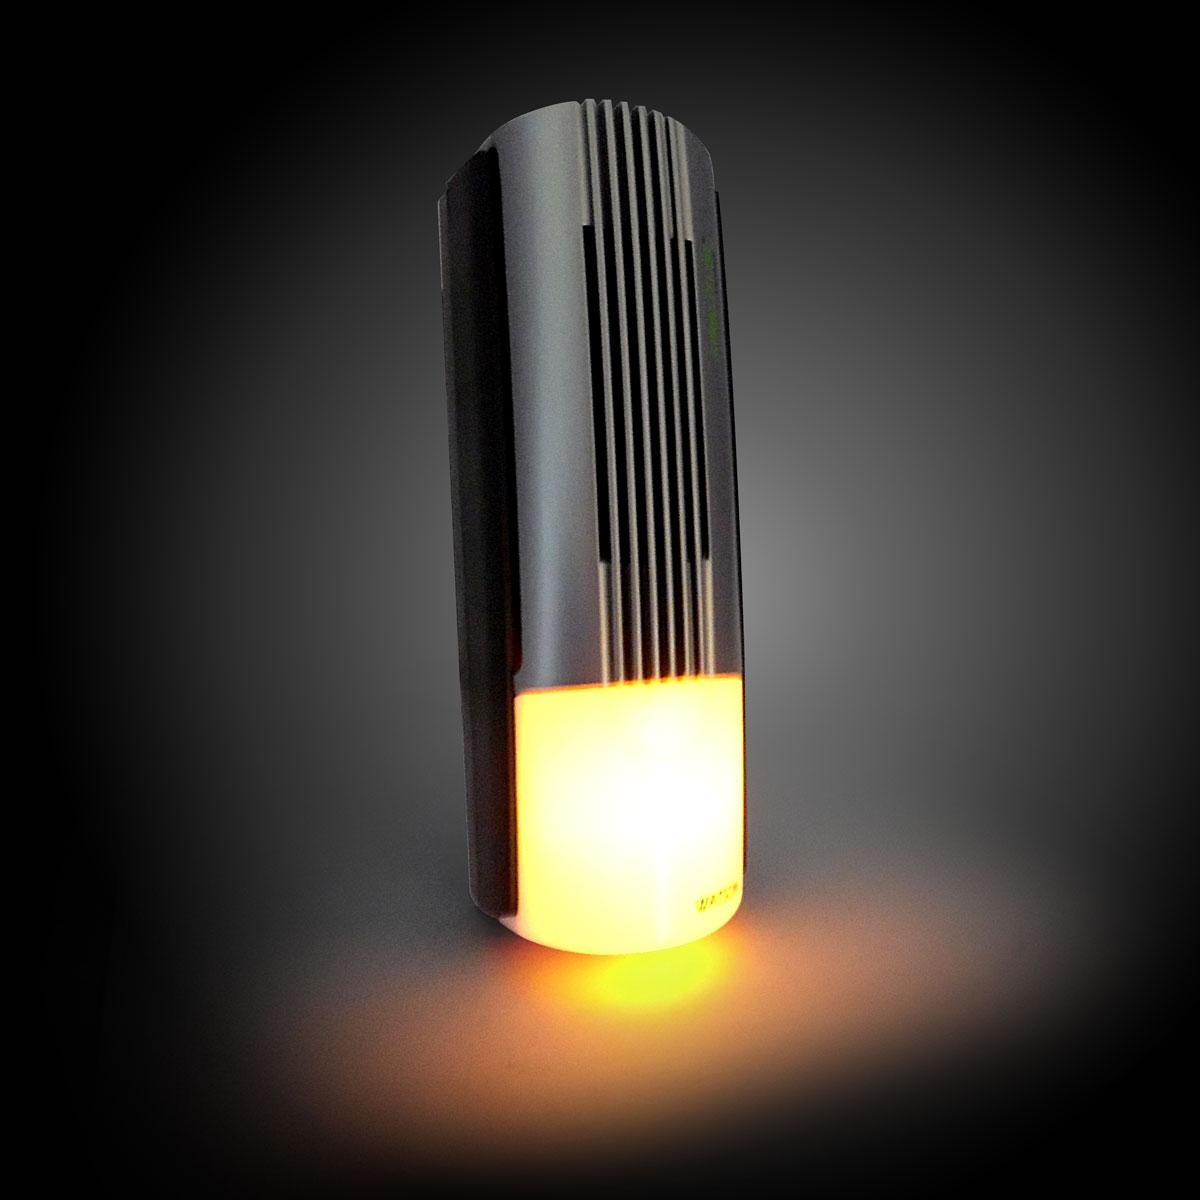 ioniseur lectronique watson pour la purification de l 39 air des pi cesr. Black Bedroom Furniture Sets. Home Design Ideas